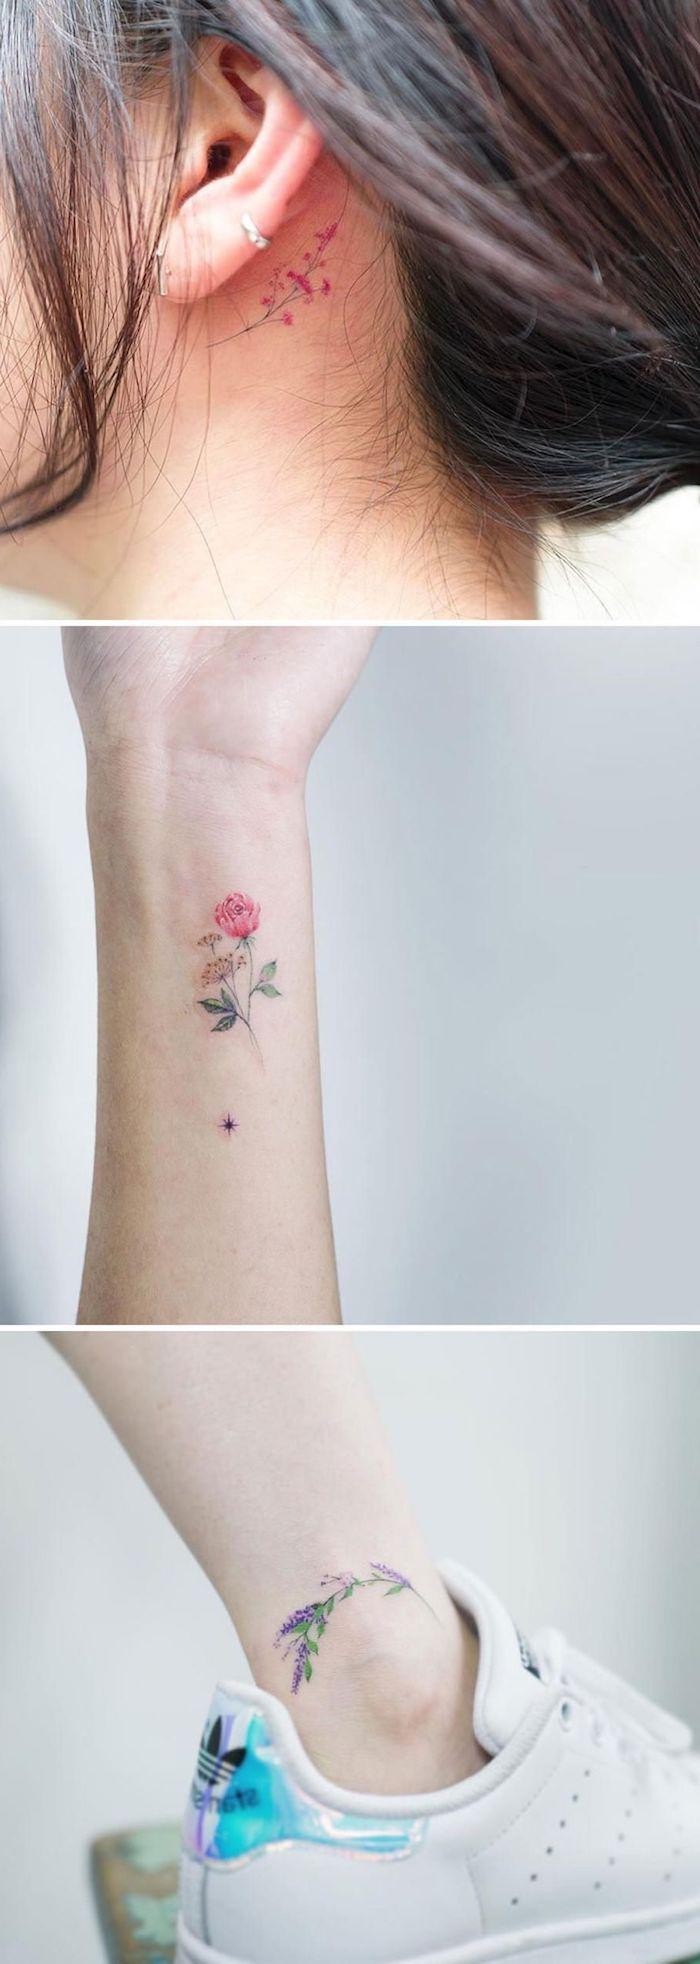 tattoo hinterm ohr mit einer kleinen violetten blume, ein bein mit einem weißen schuh, eine hand mit einem kleinen tattoo mit einer roten rose und grünen blätern